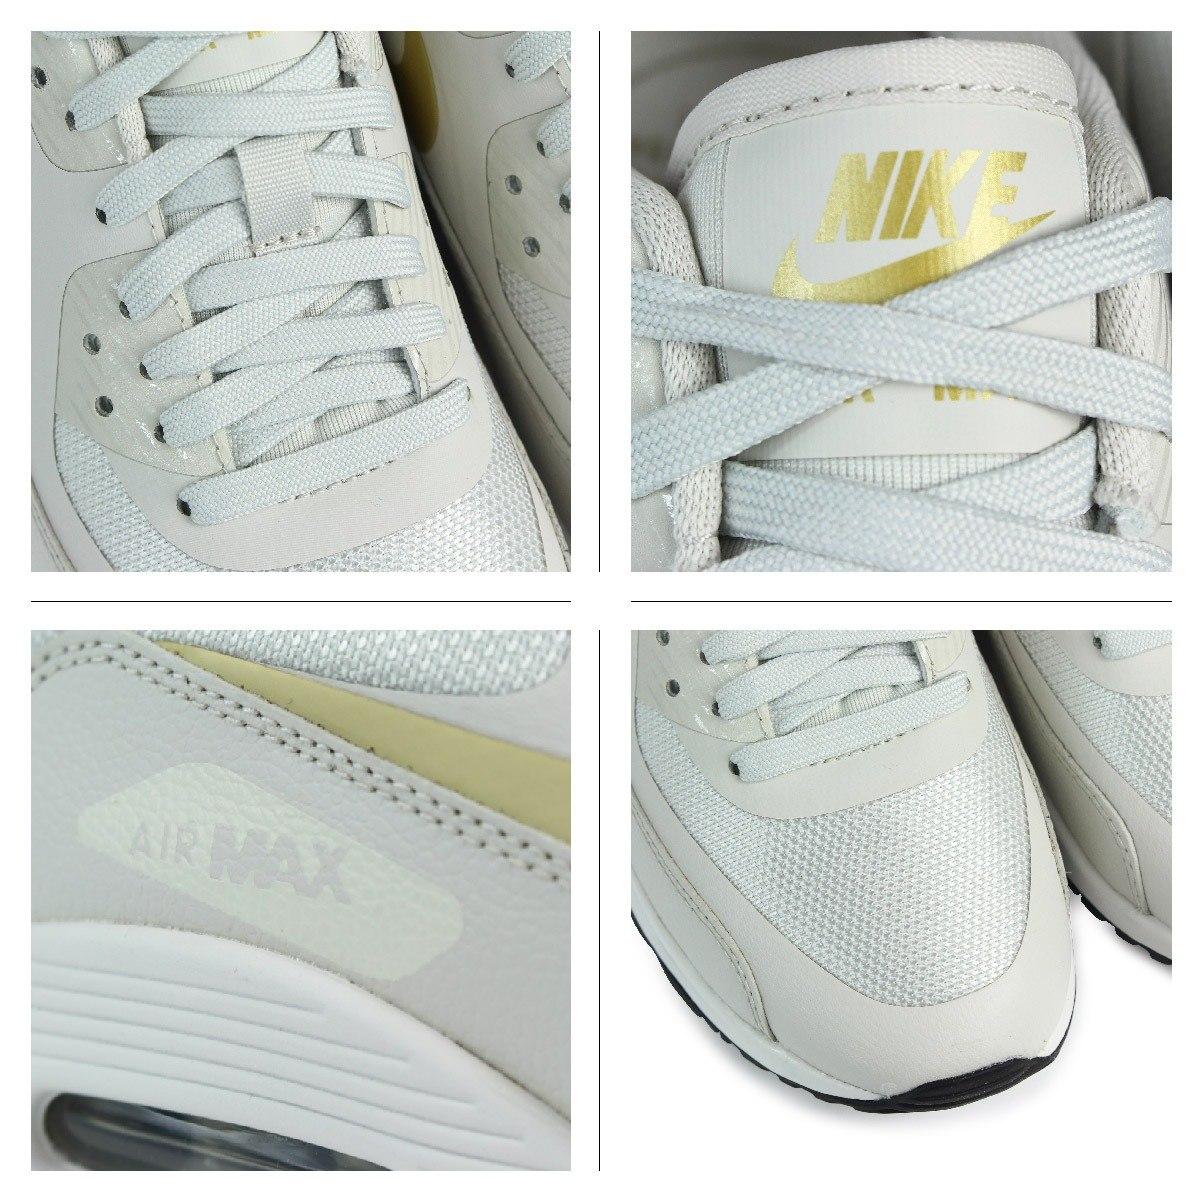 e2bb0ce18916d zapatillas nike air max 90 ultra 2.0 metallic gold mujer. Cargando zoom.